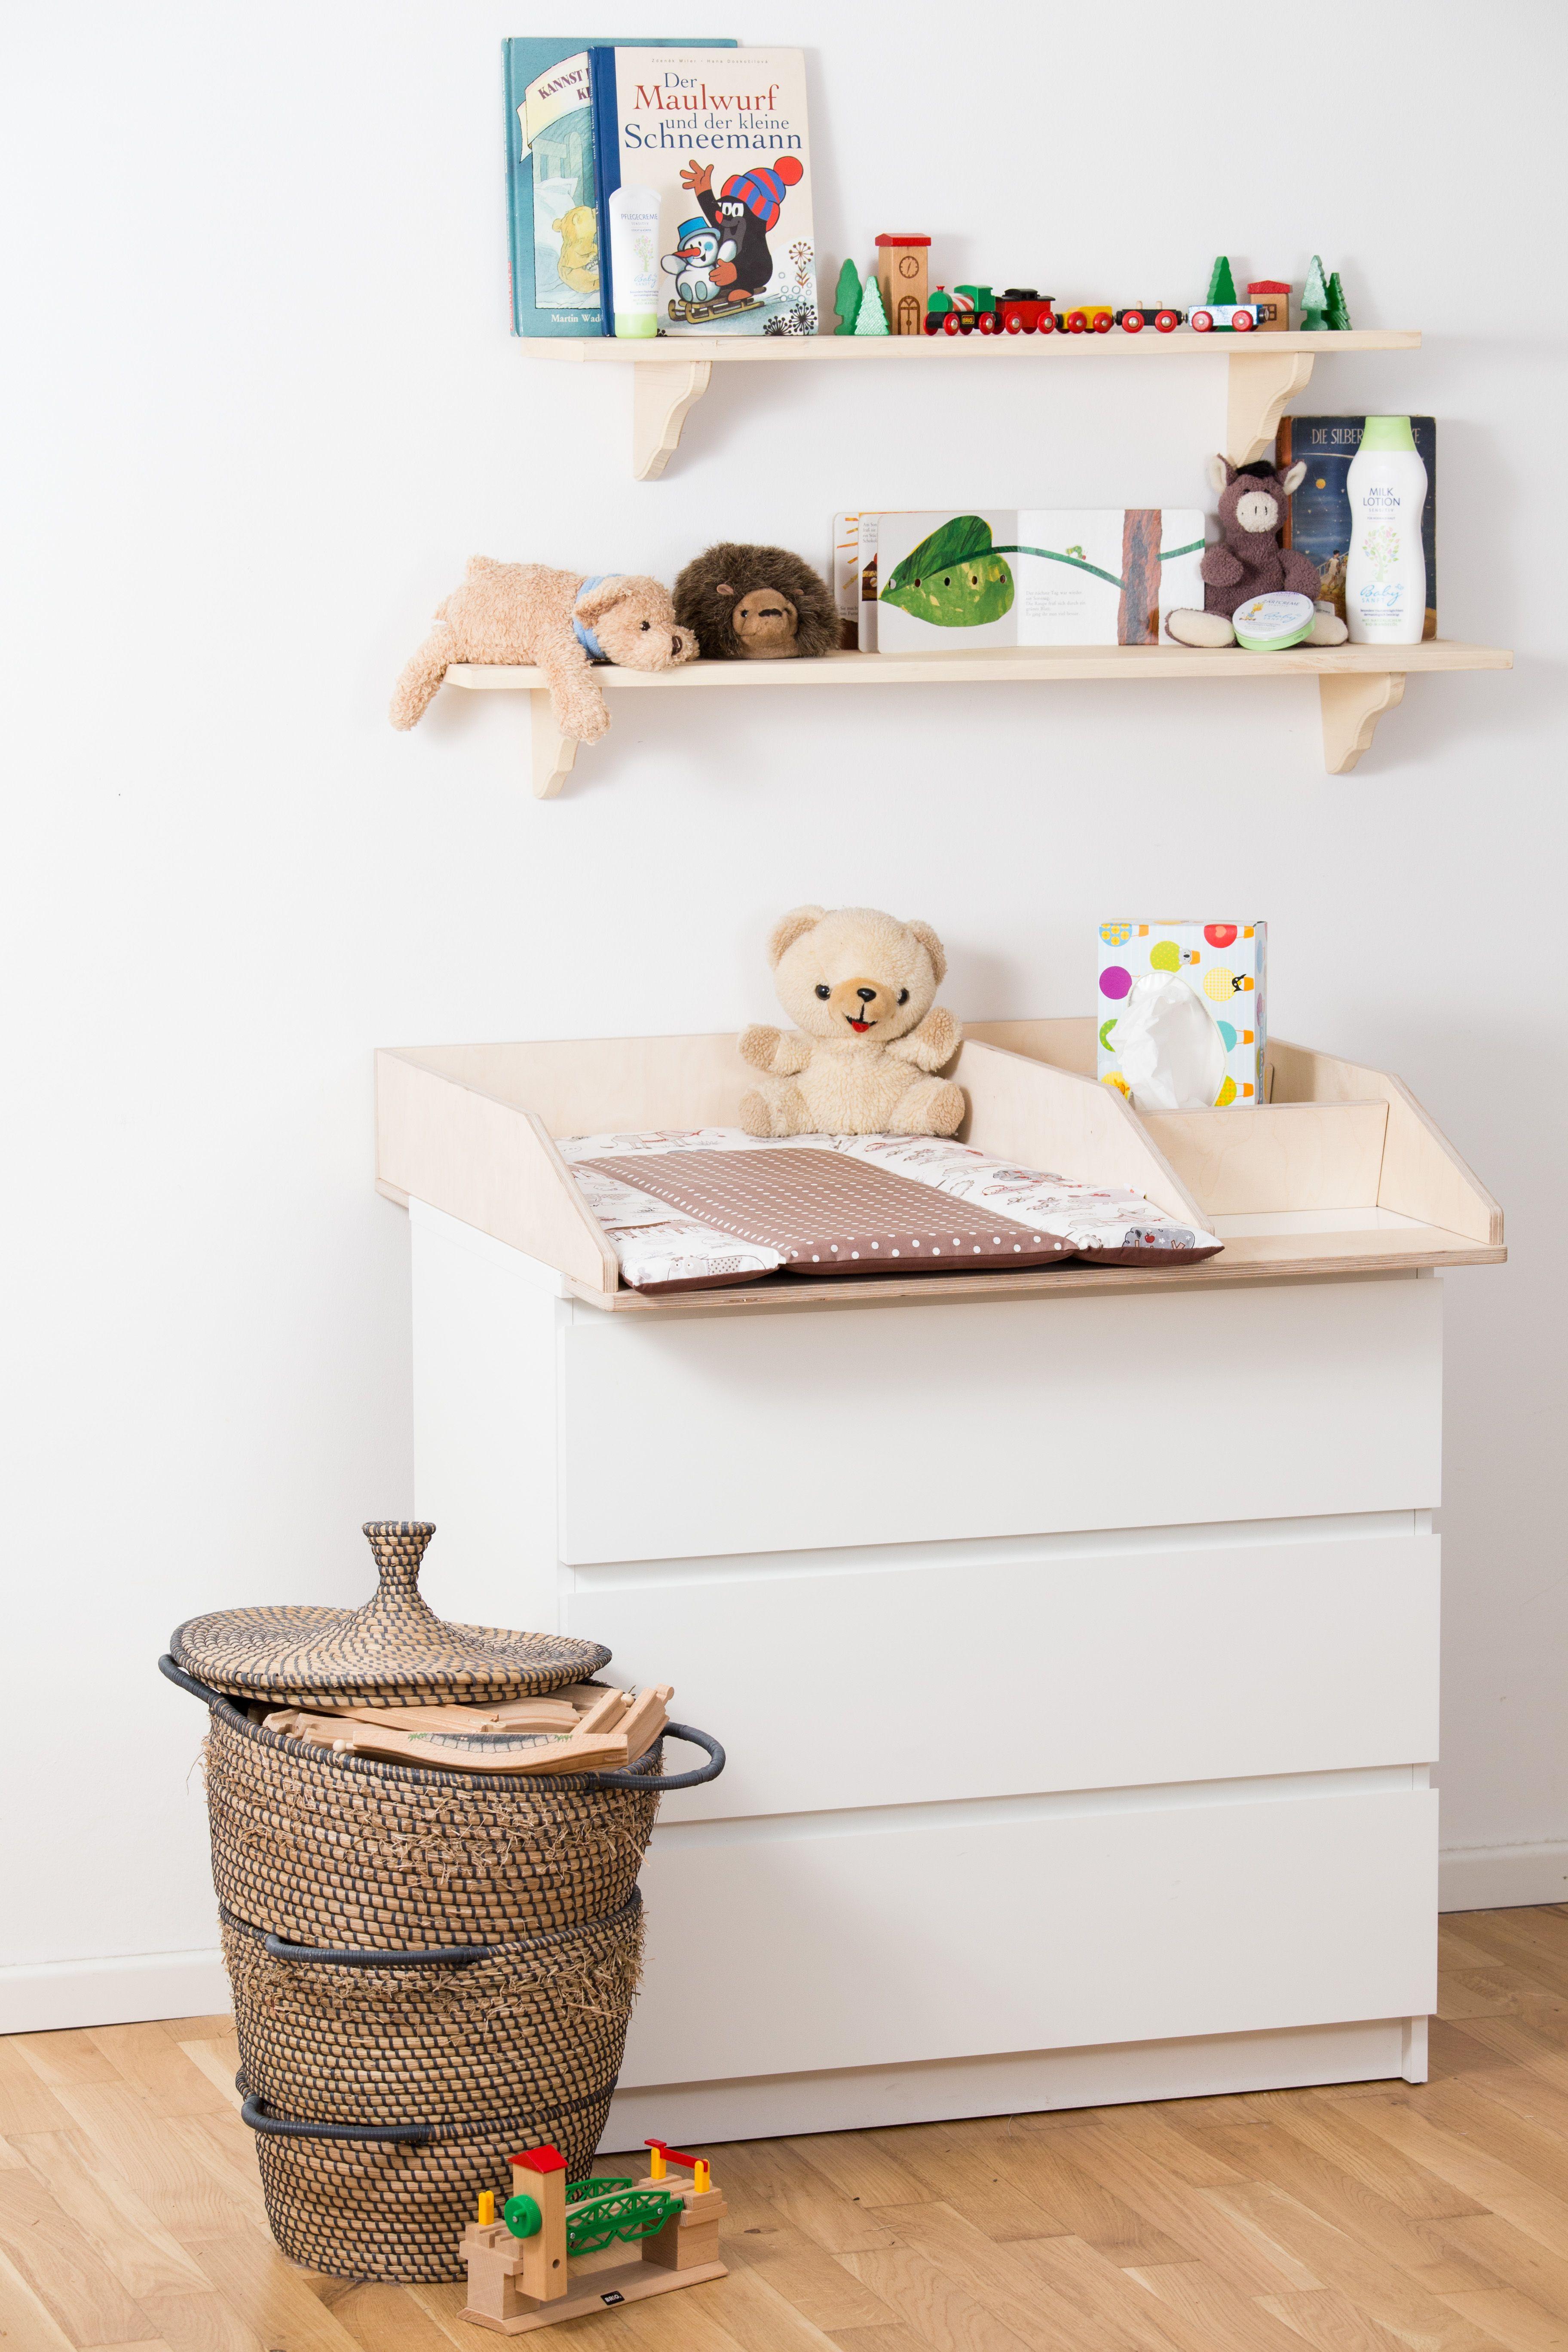 wickelaufsatz 50 cm breite mit zus tzlichen f chern f r babyprodukte auf ikea malm kommode. Black Bedroom Furniture Sets. Home Design Ideas